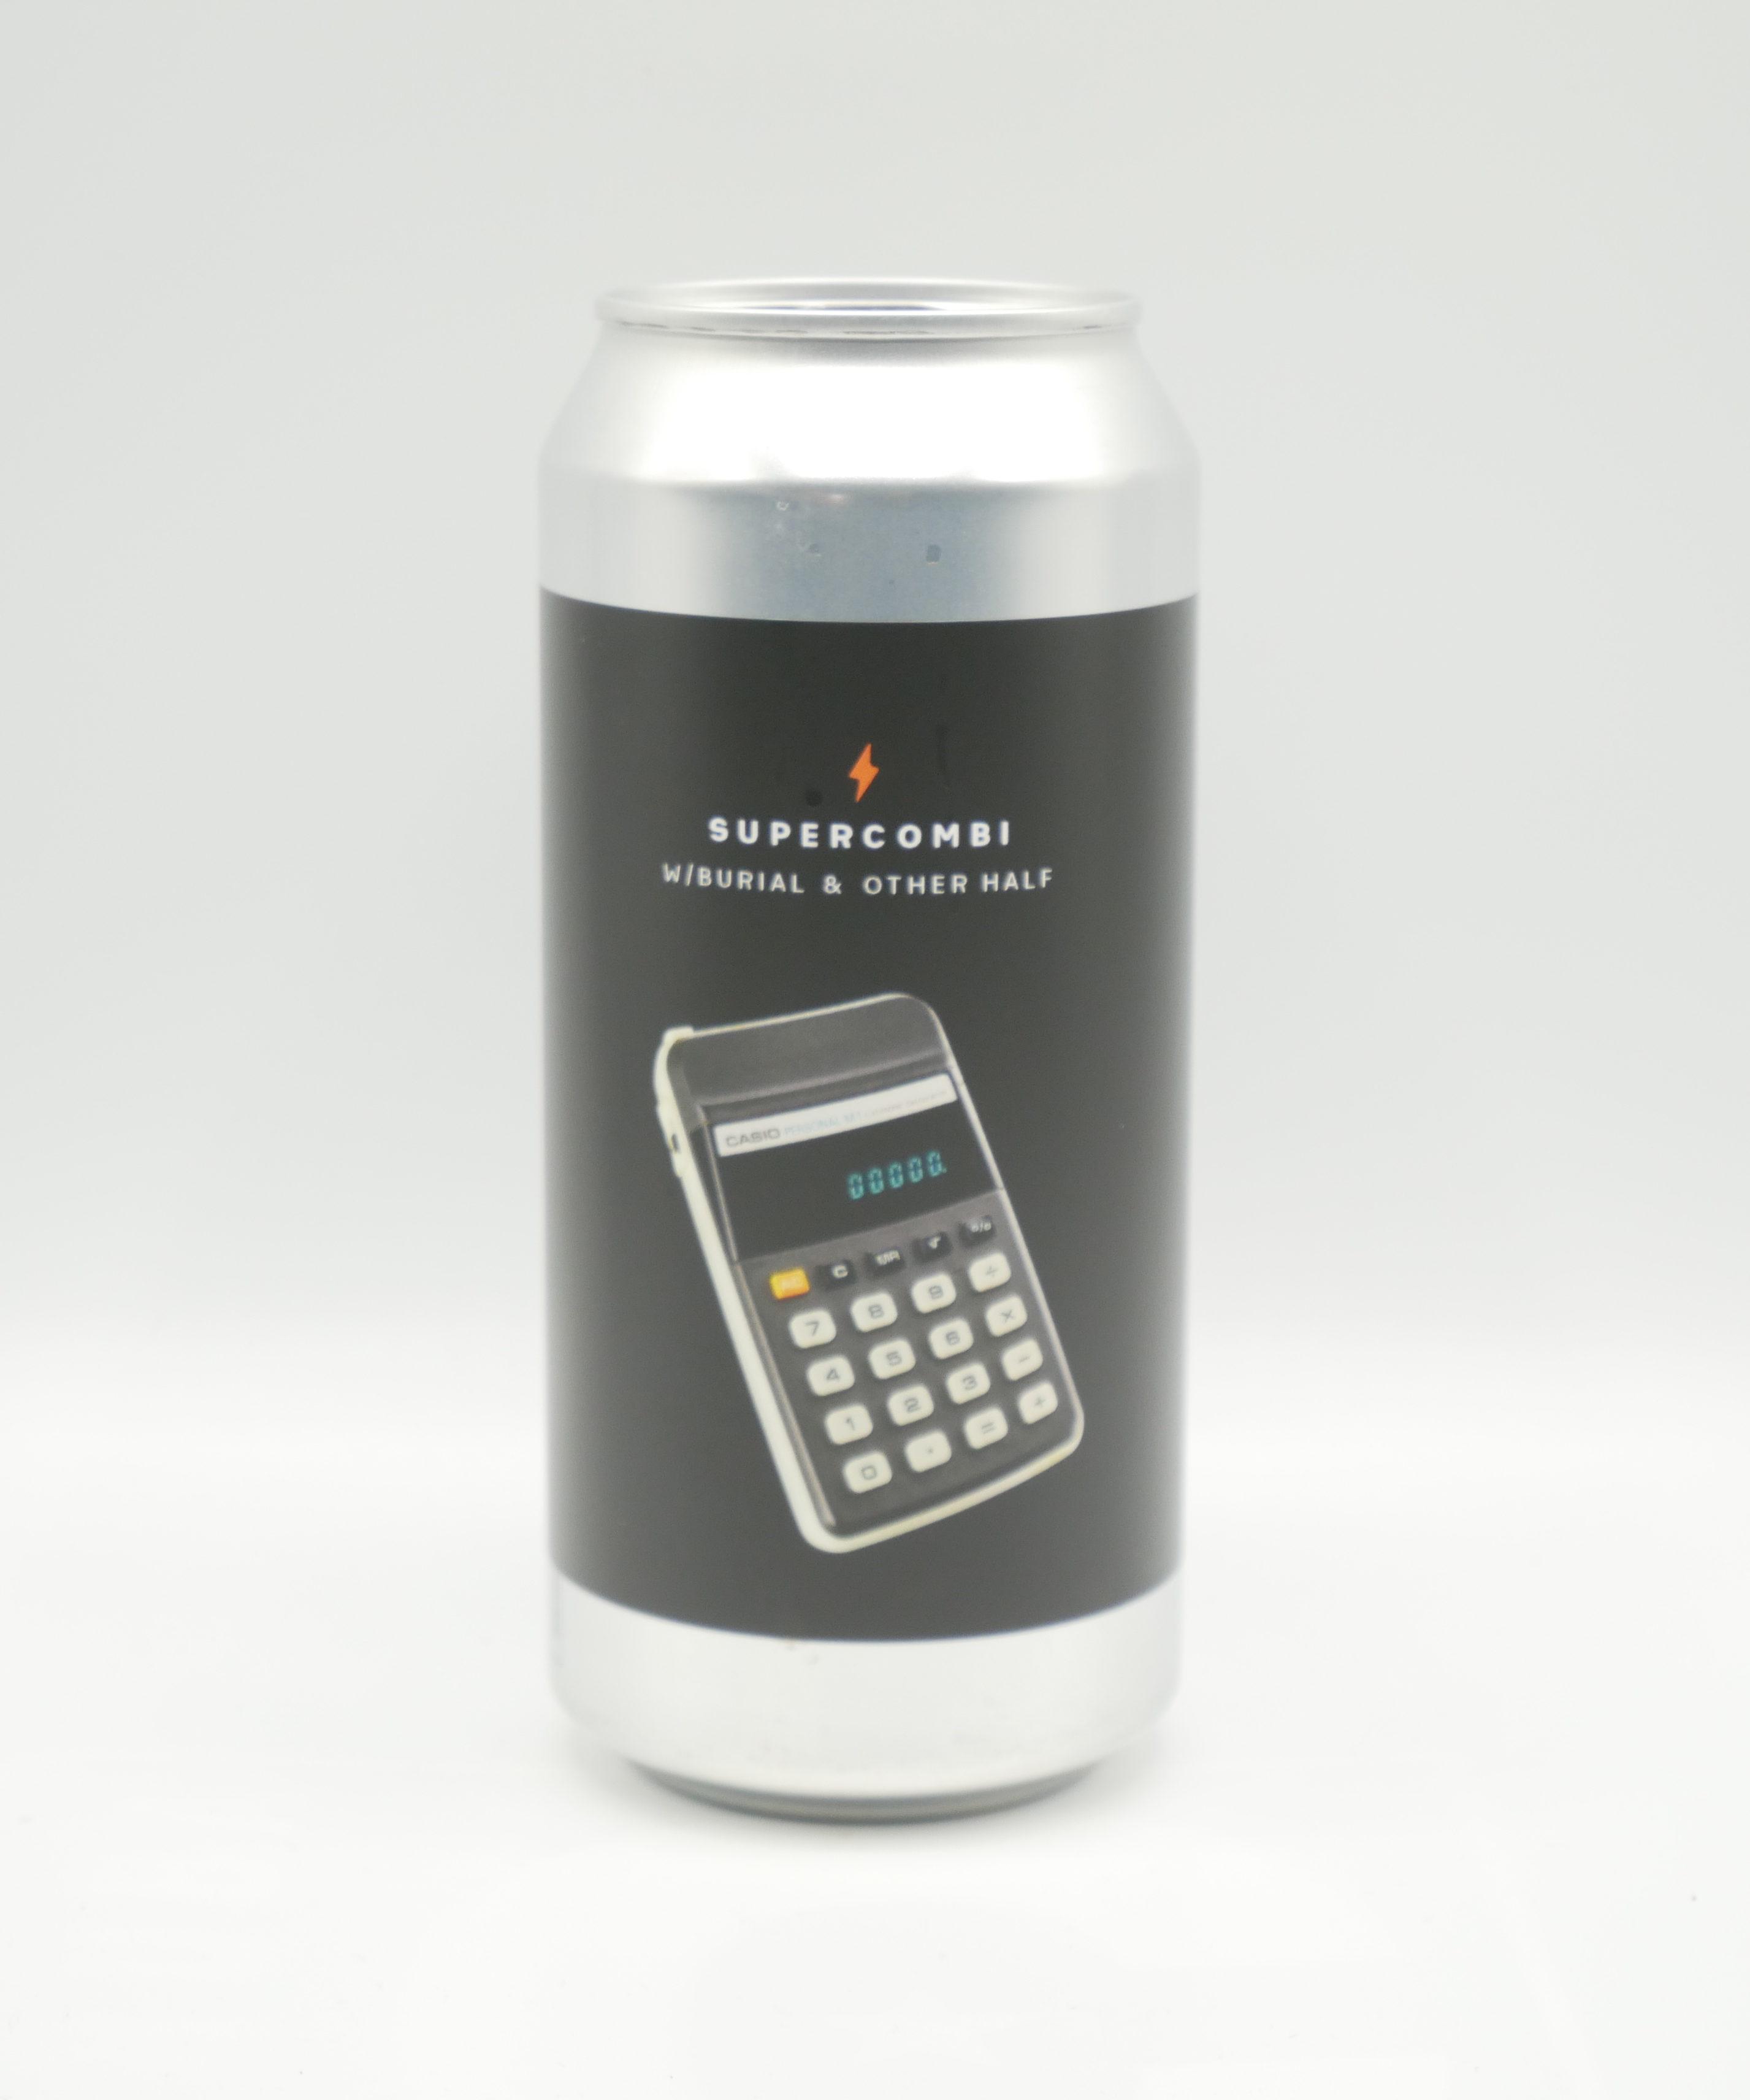 Image Supercombi (collab Other half x Burial x Garage beer)